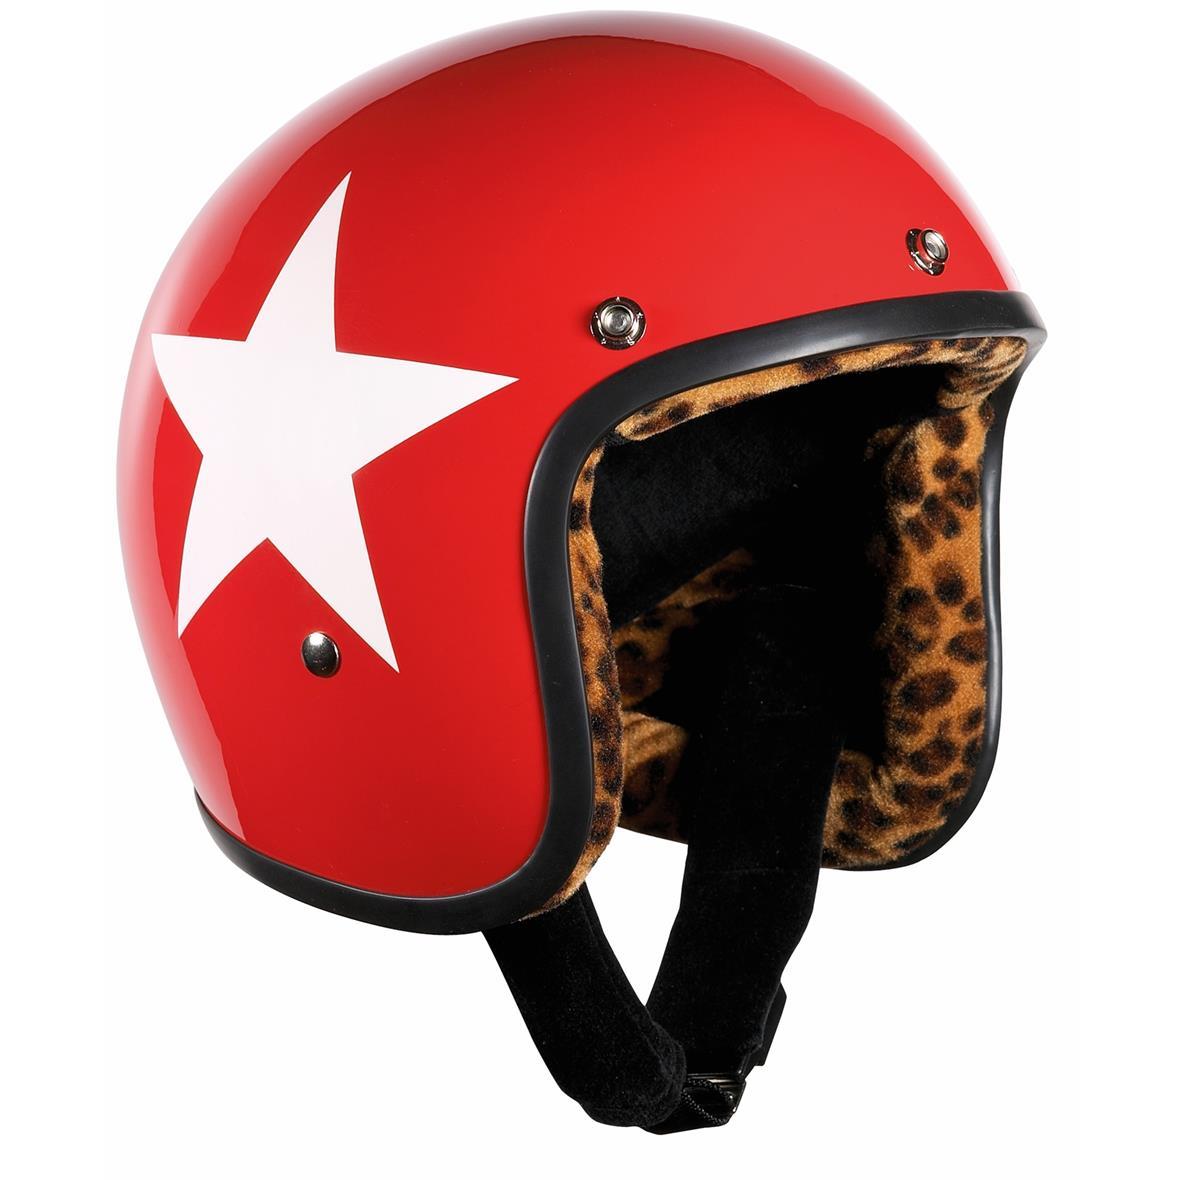 Produktbild für 'Helm BANDIT Jet Star mit weißem Stern'